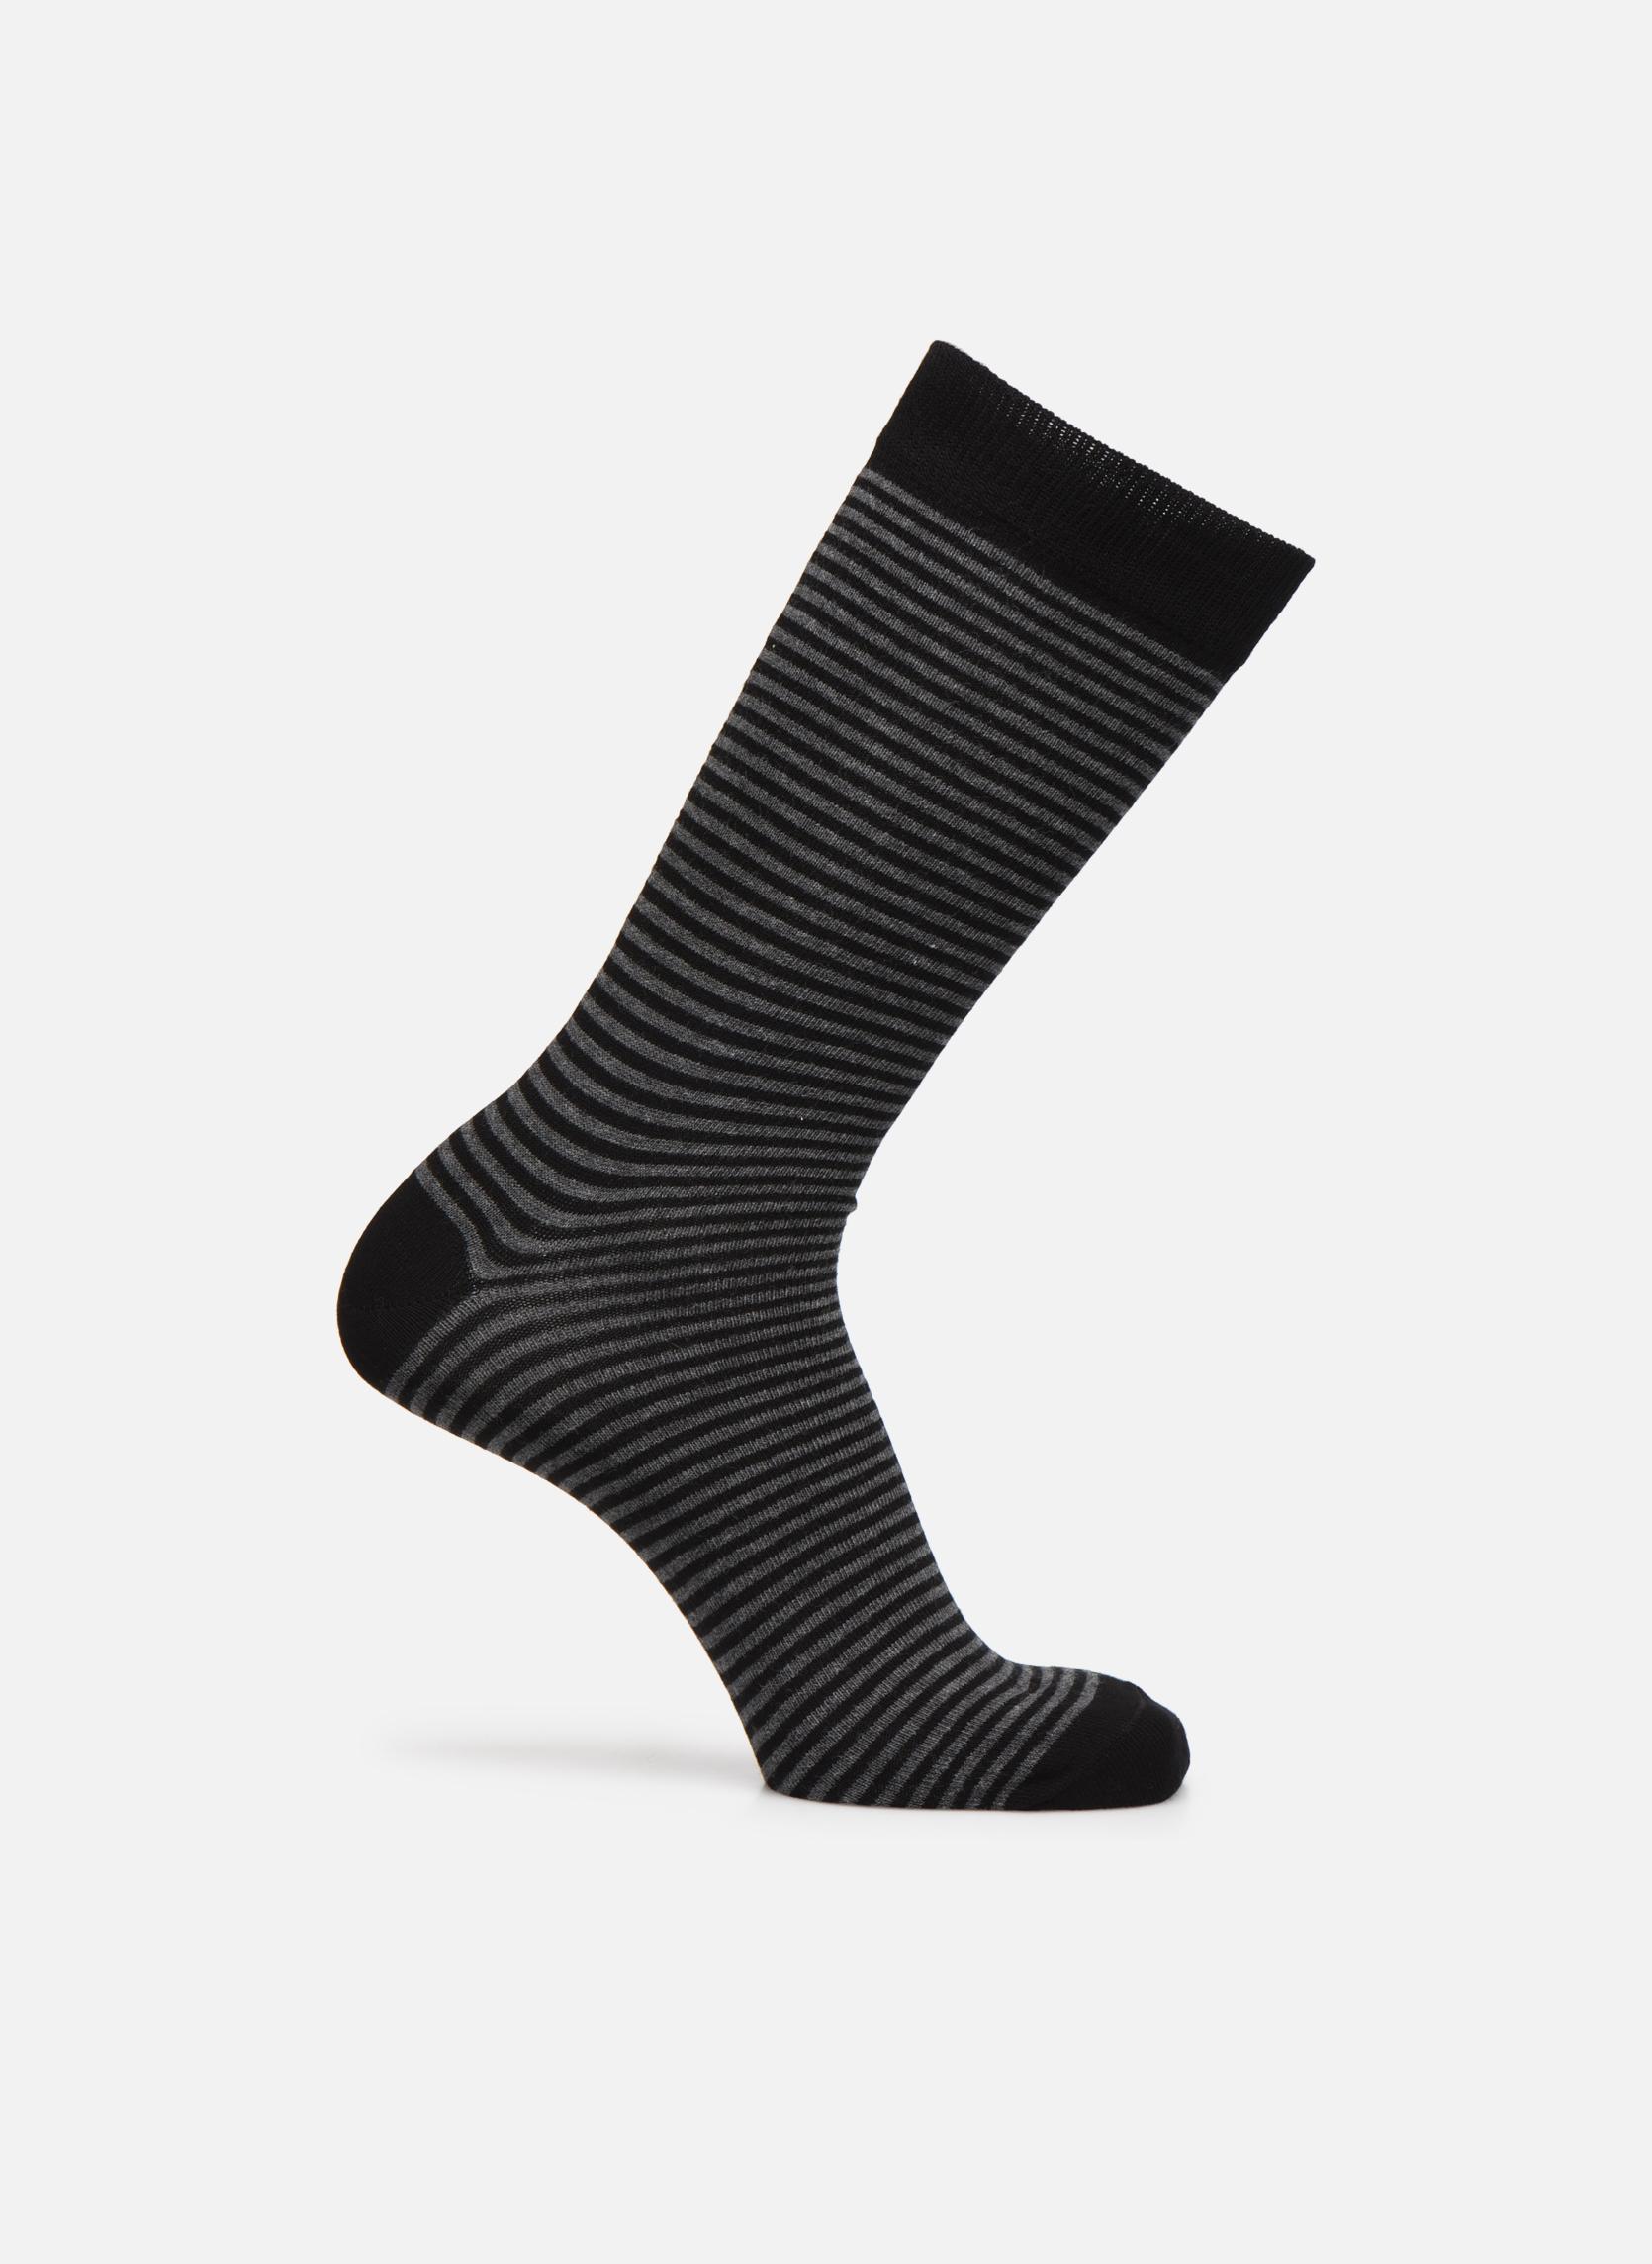 093 - noir / gris